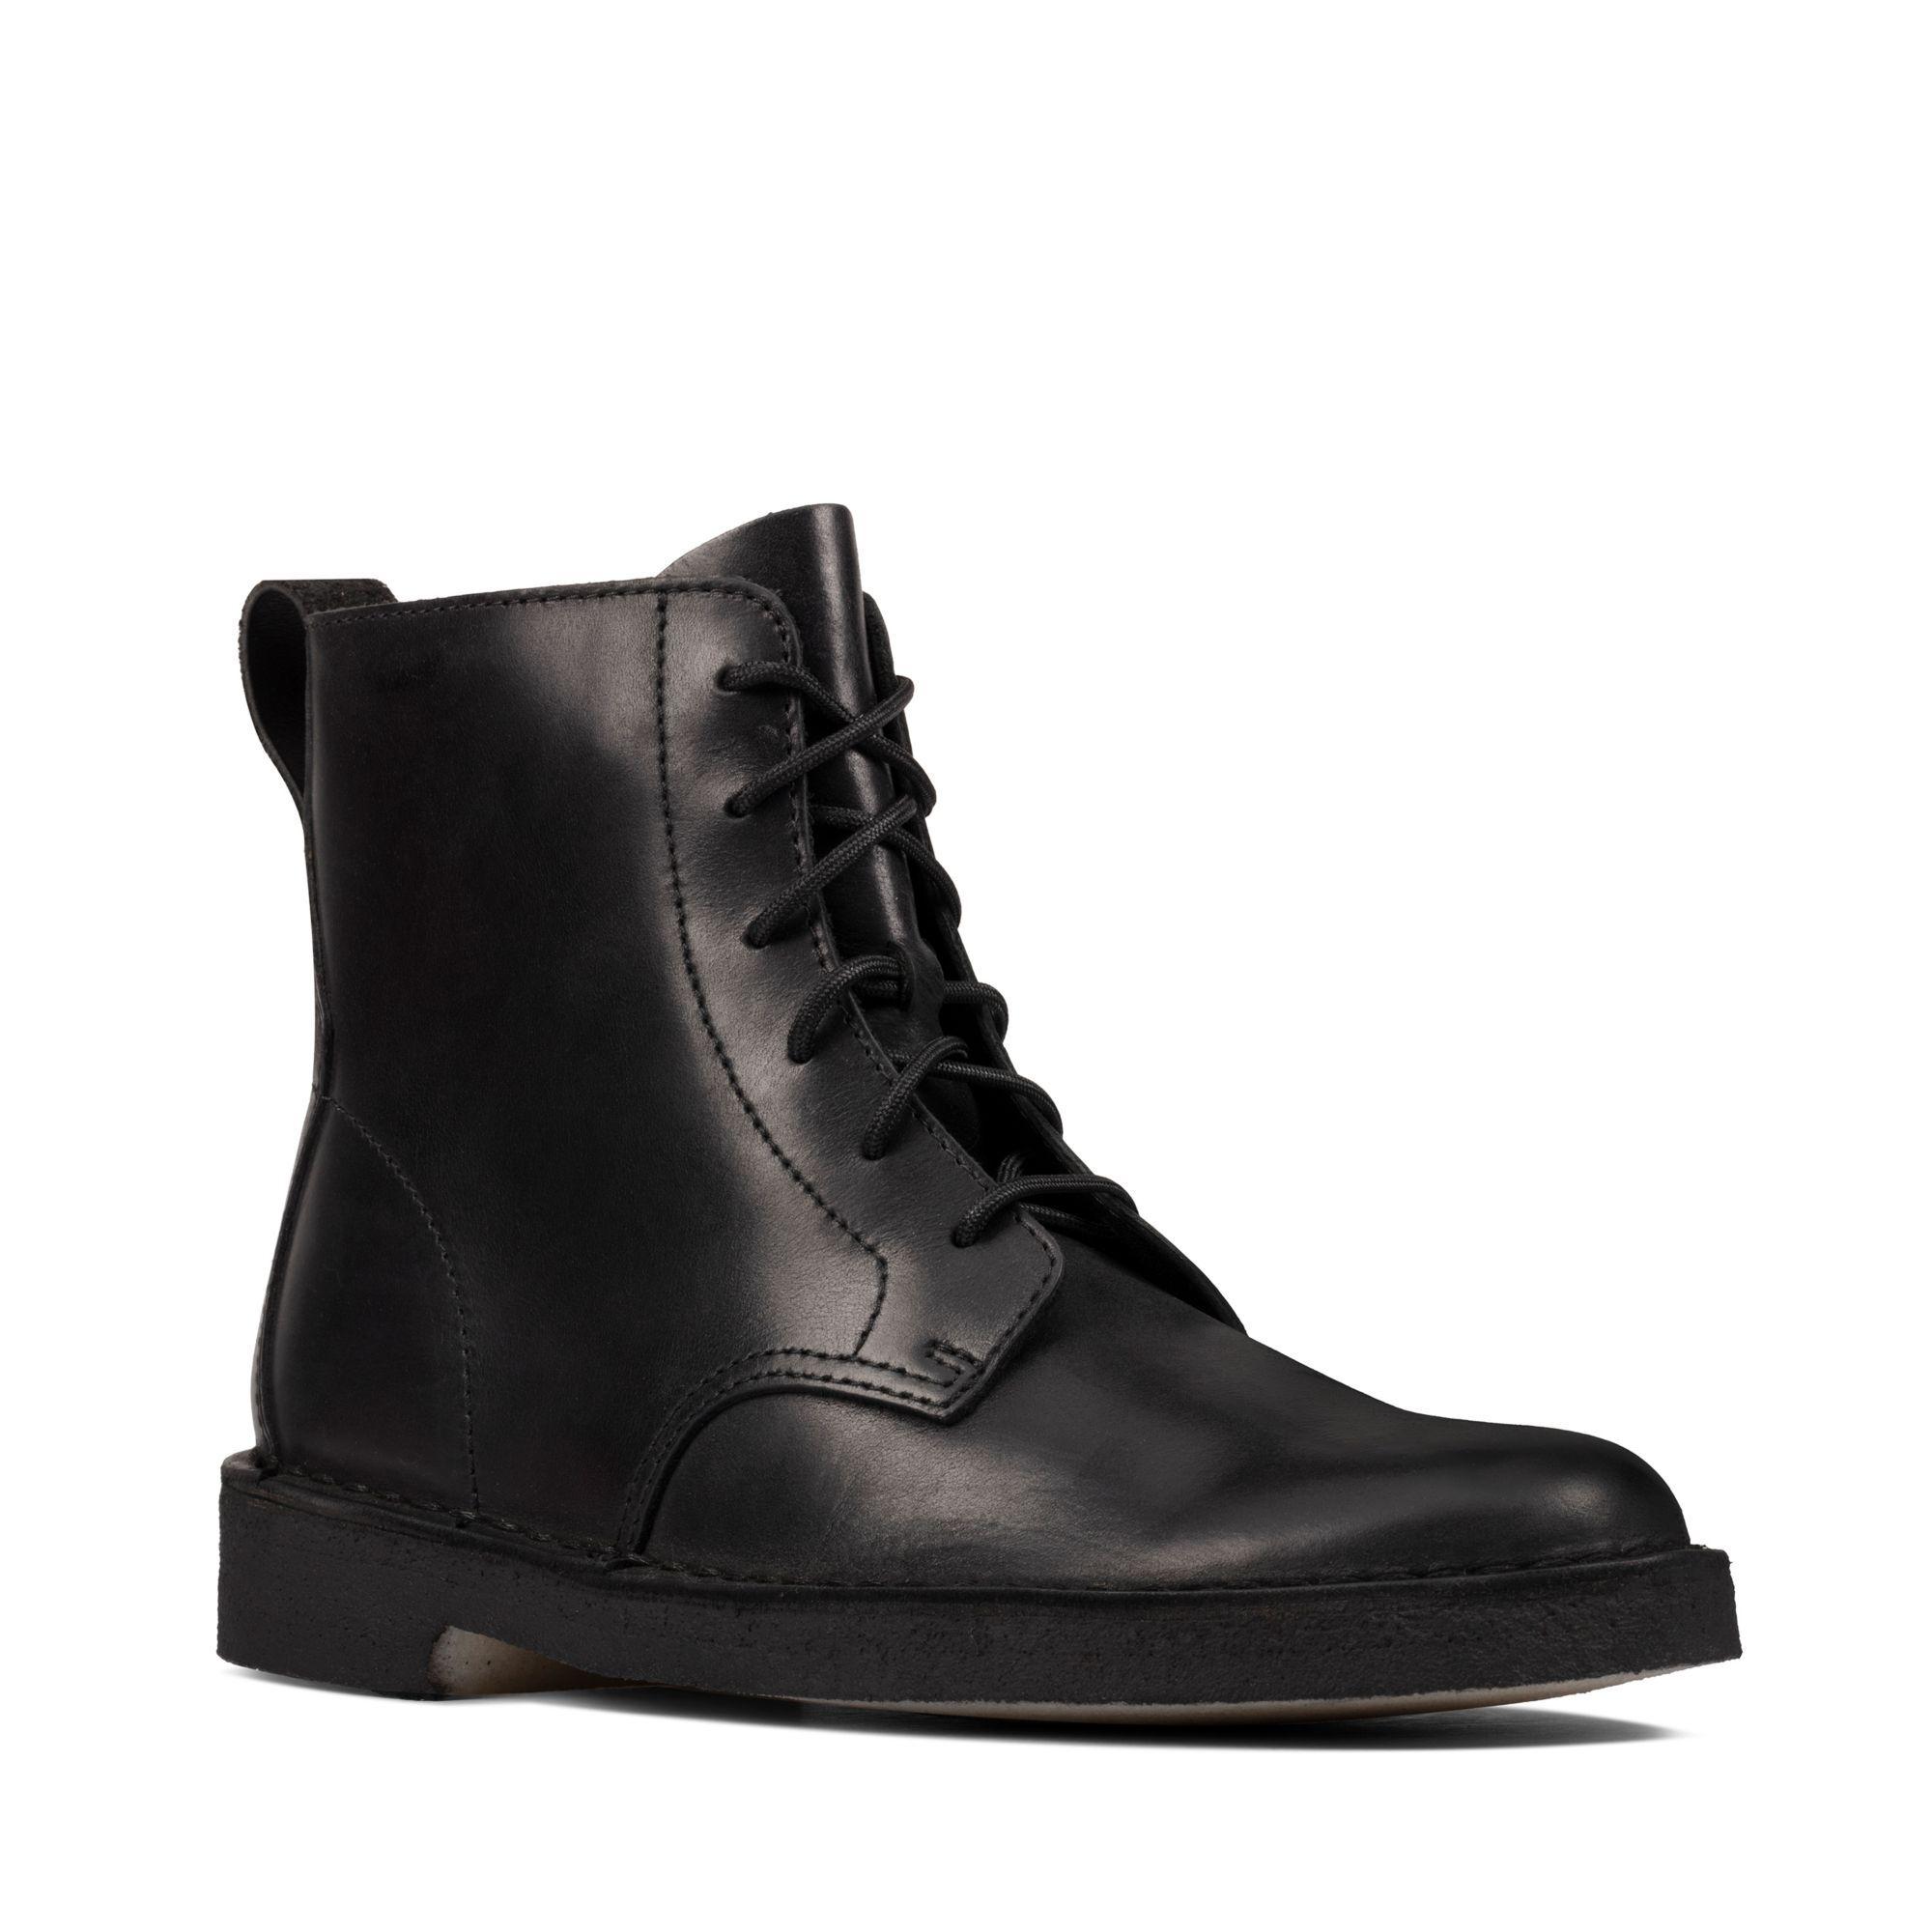 Black Polished Ankle Boots - Desert Mali